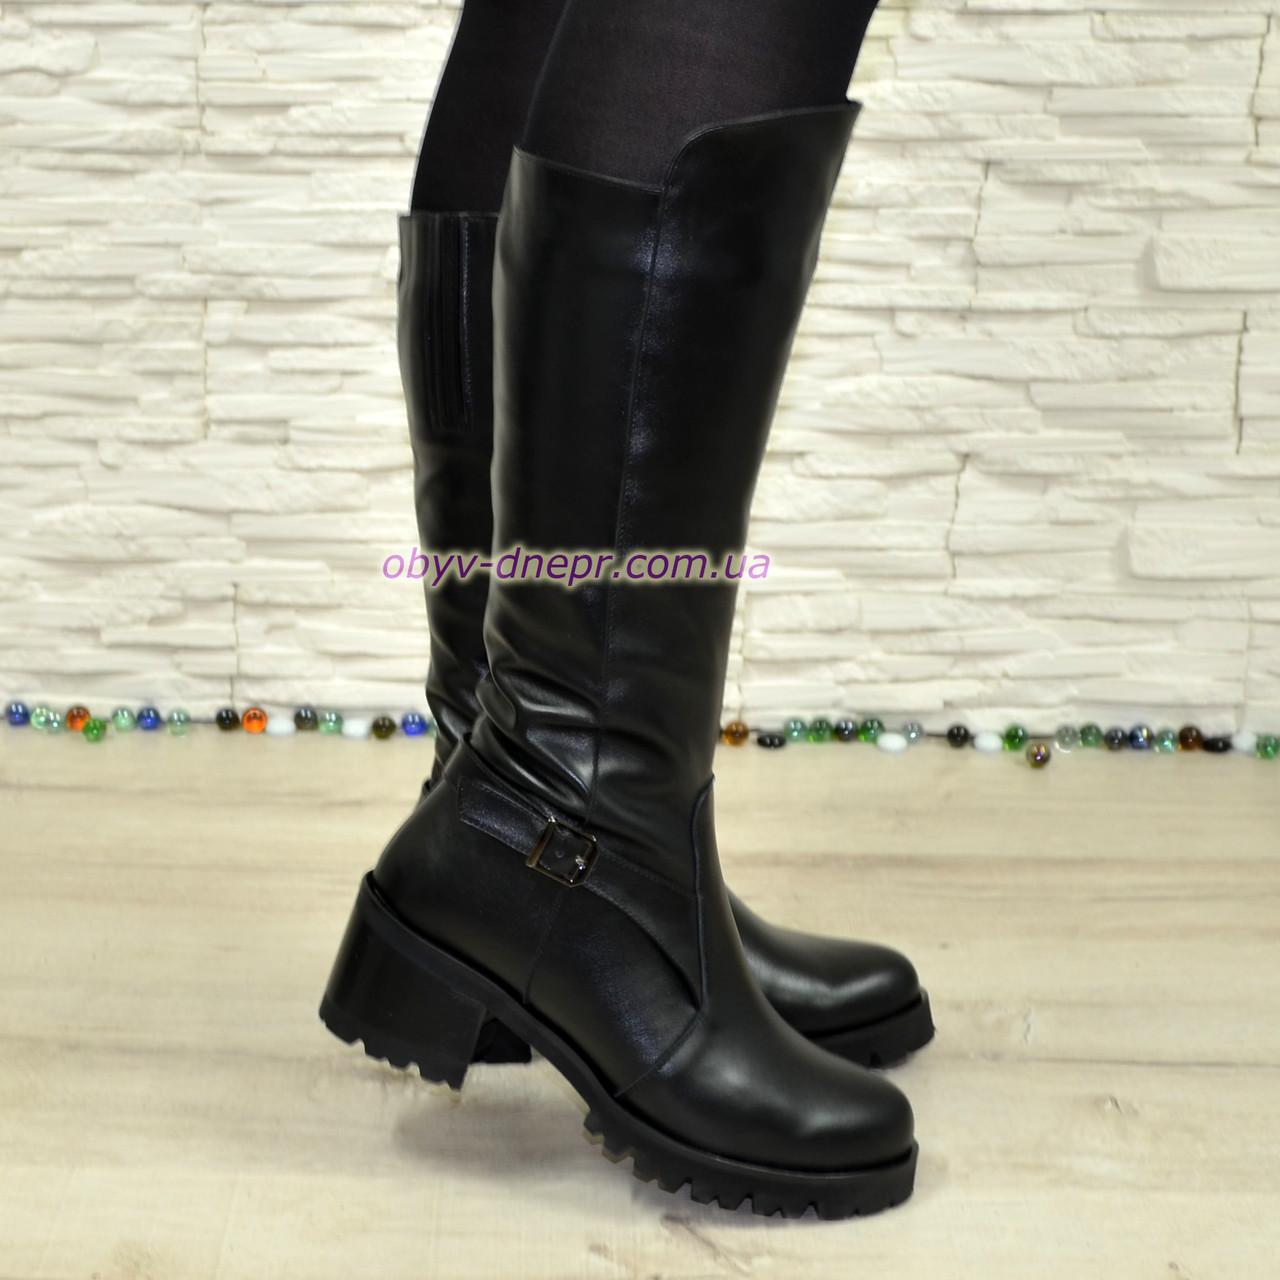 Сапоги кожаные женские зимние на устойчивом каблуке